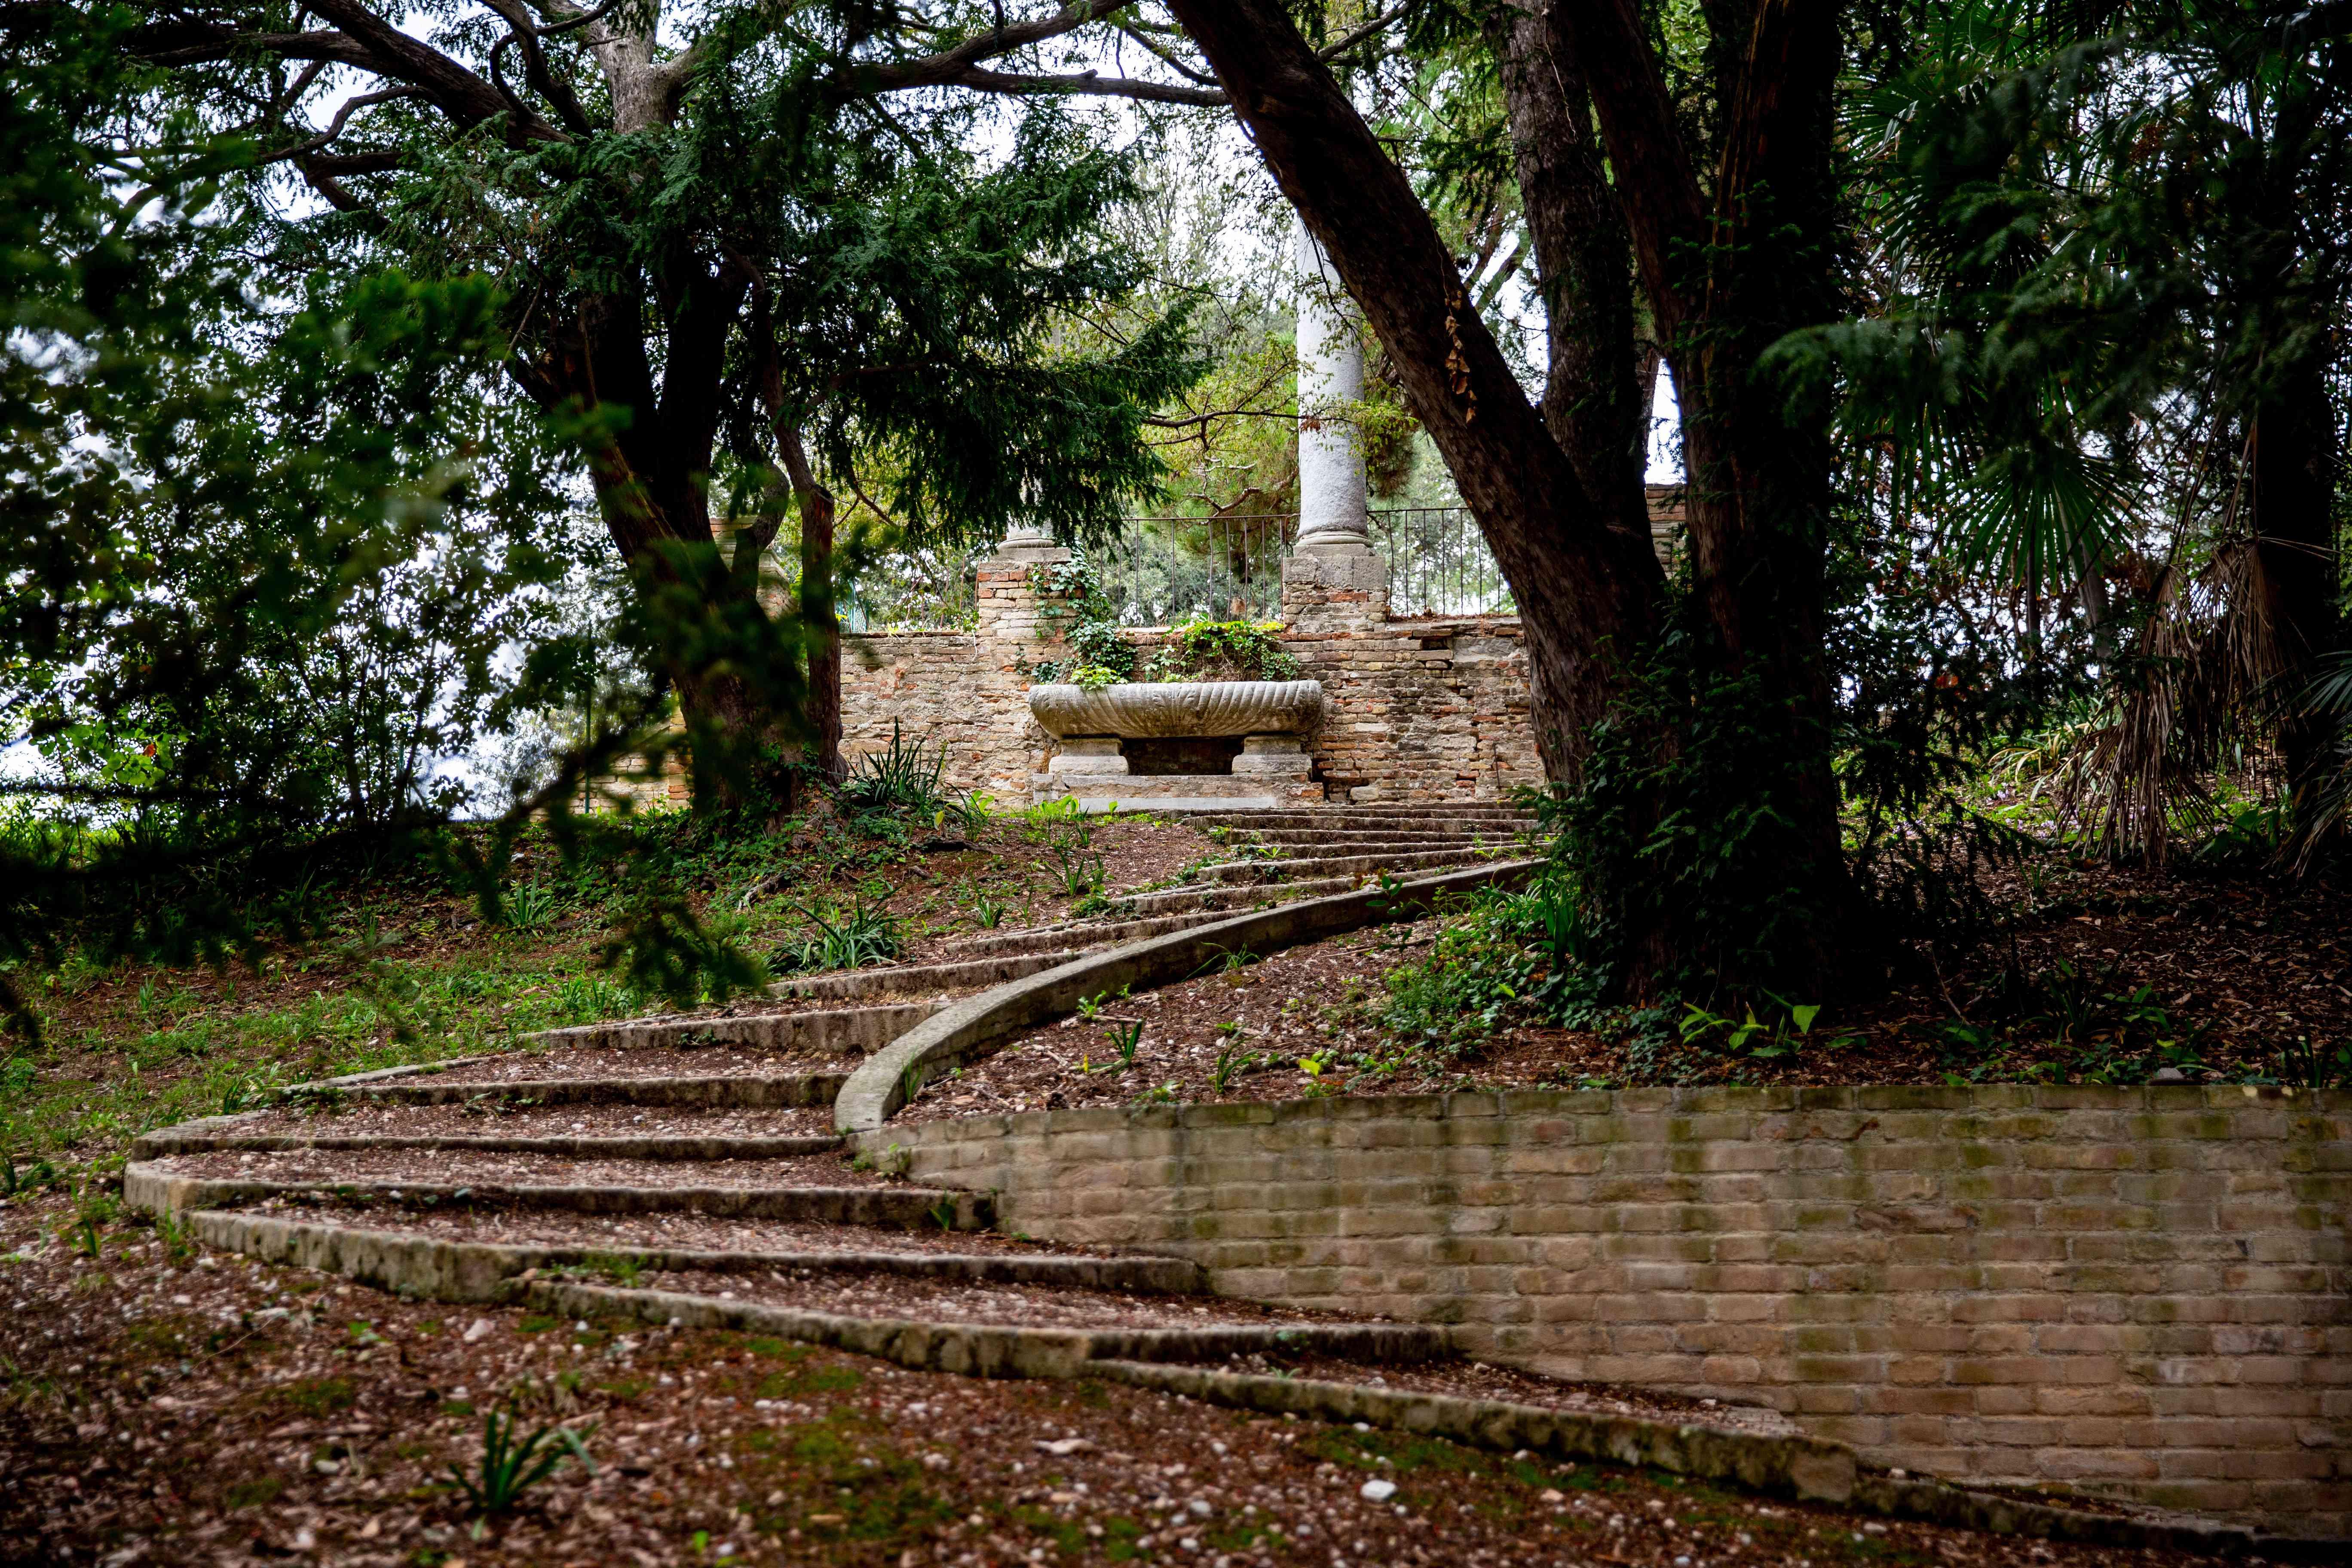 Orti Giuli Gardens in Pesaro, Italy